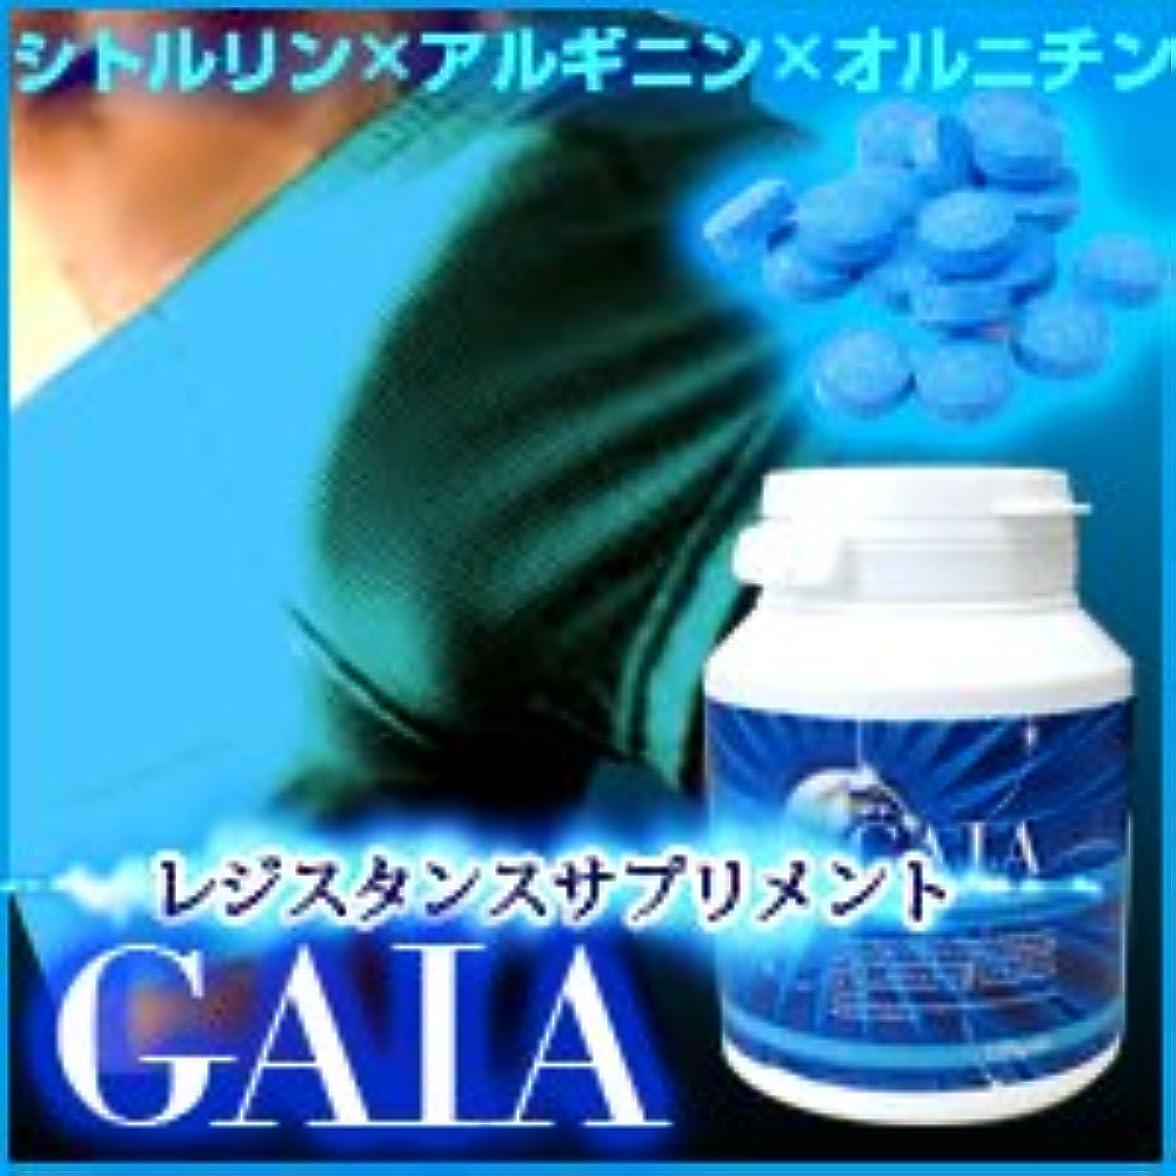 ガイア (GAIA) 120粒 2個セット ※シトルリン×アルギニン×オルニチンのアミノ酸ローテーション!